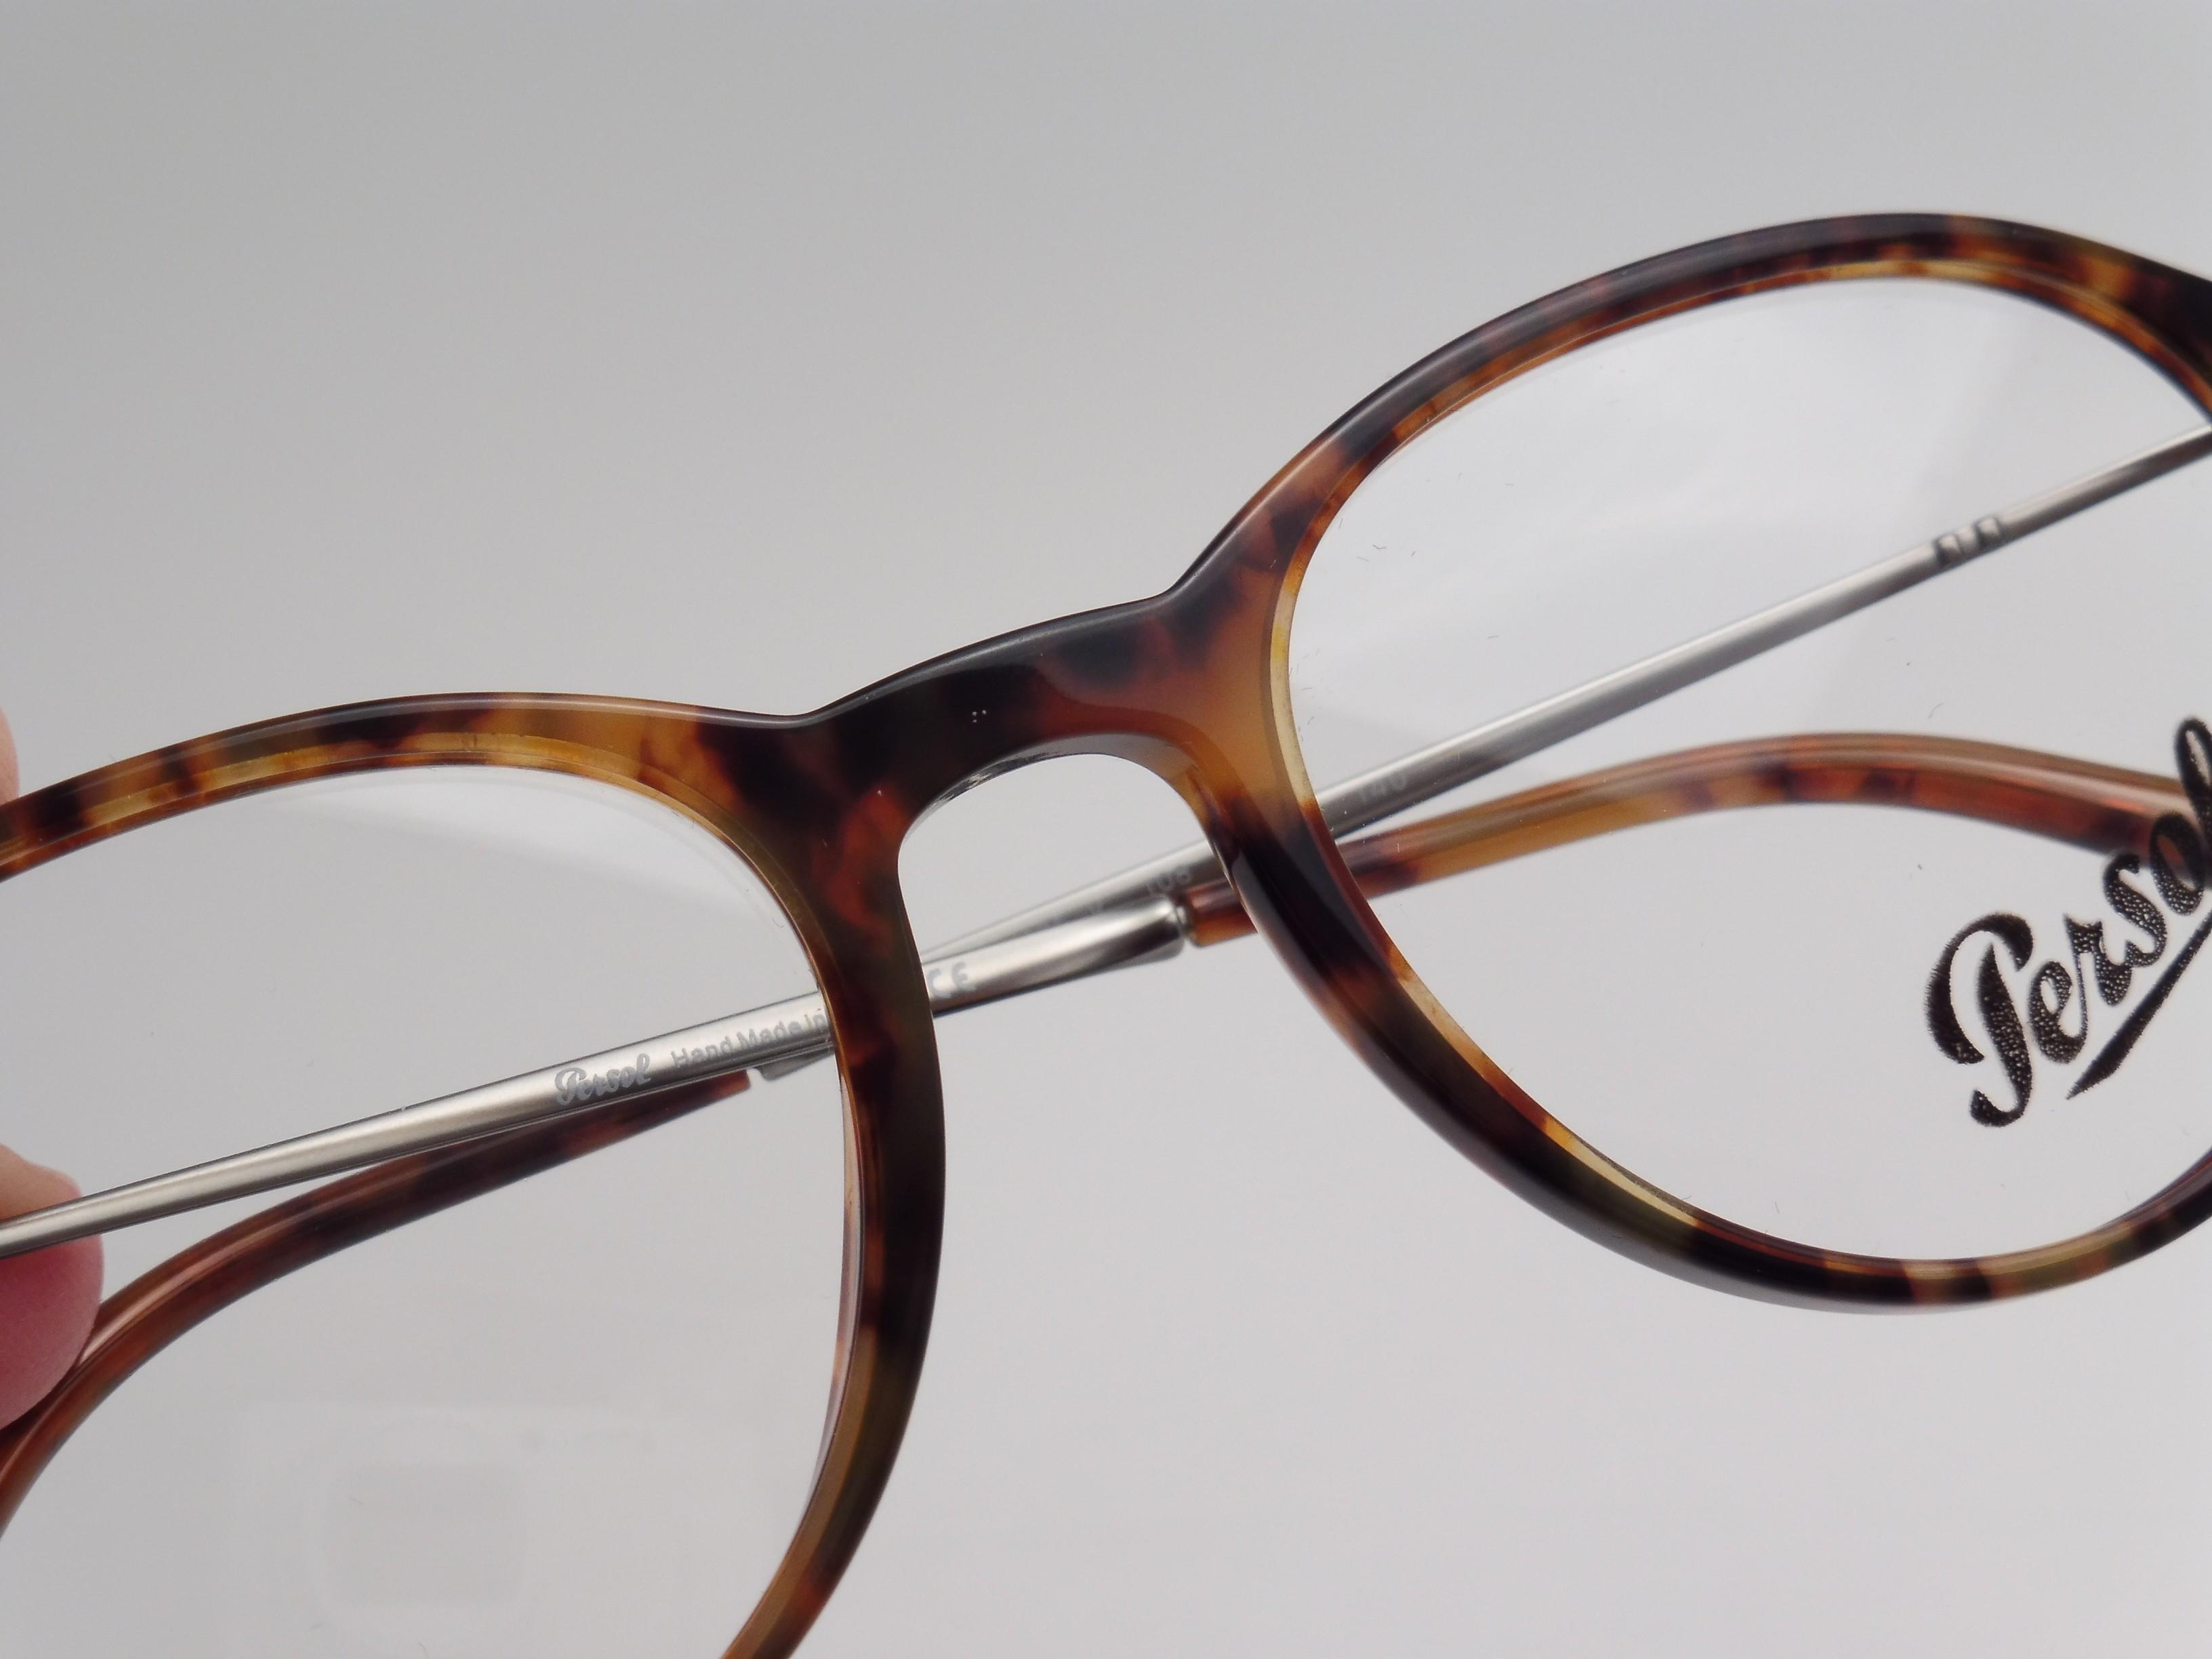 Lunettes de vue Persol Reflex Edition Écaille PO3125V 108 49-19 Medium 25c5e9b5b66f